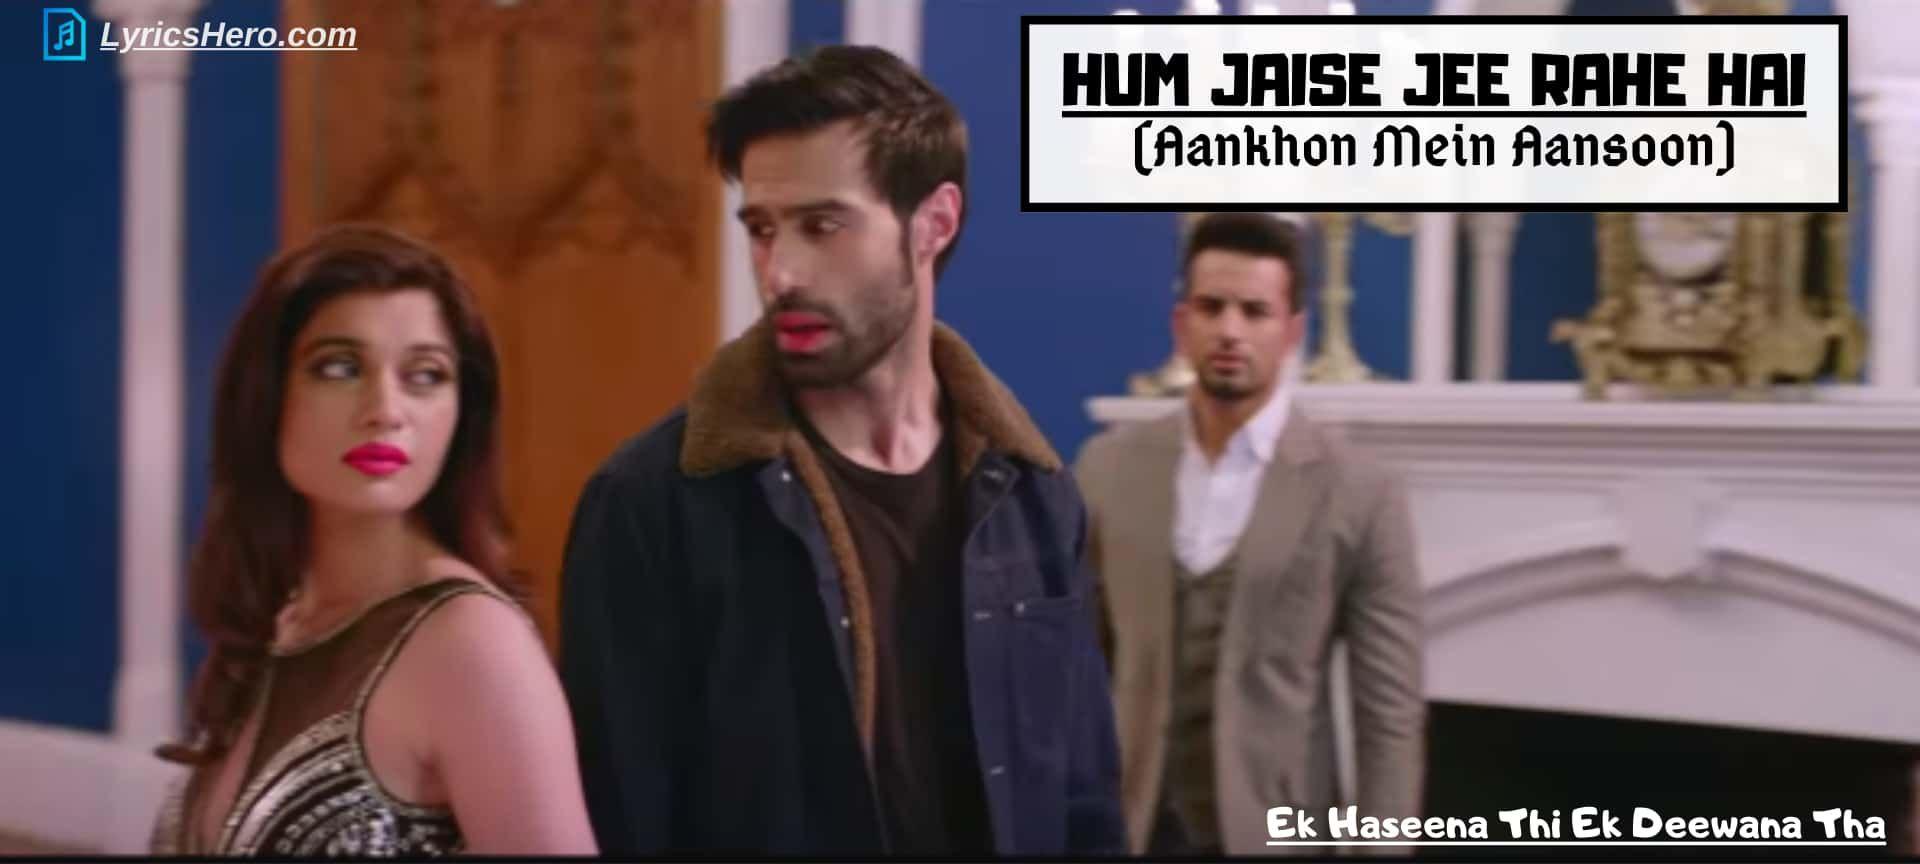 Hum Jaise Jee Rahe Hai Lyrics In 2020 Lyrics Hindi Songs